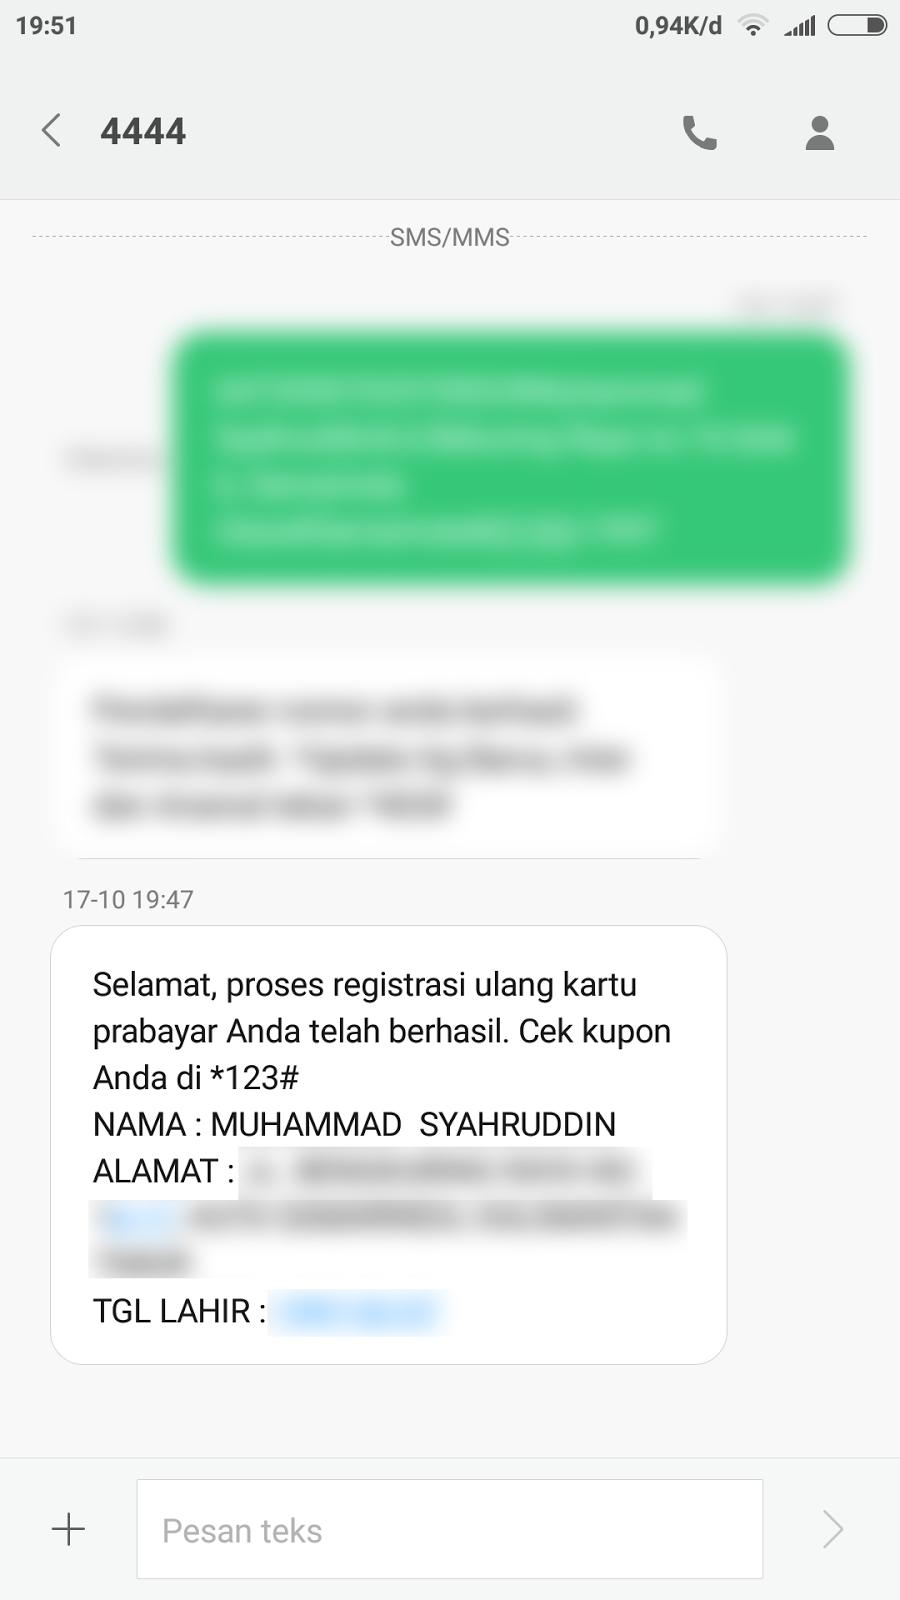 Cara Registrasi Kartu Prabayar Telkomsel  NumpangJejak